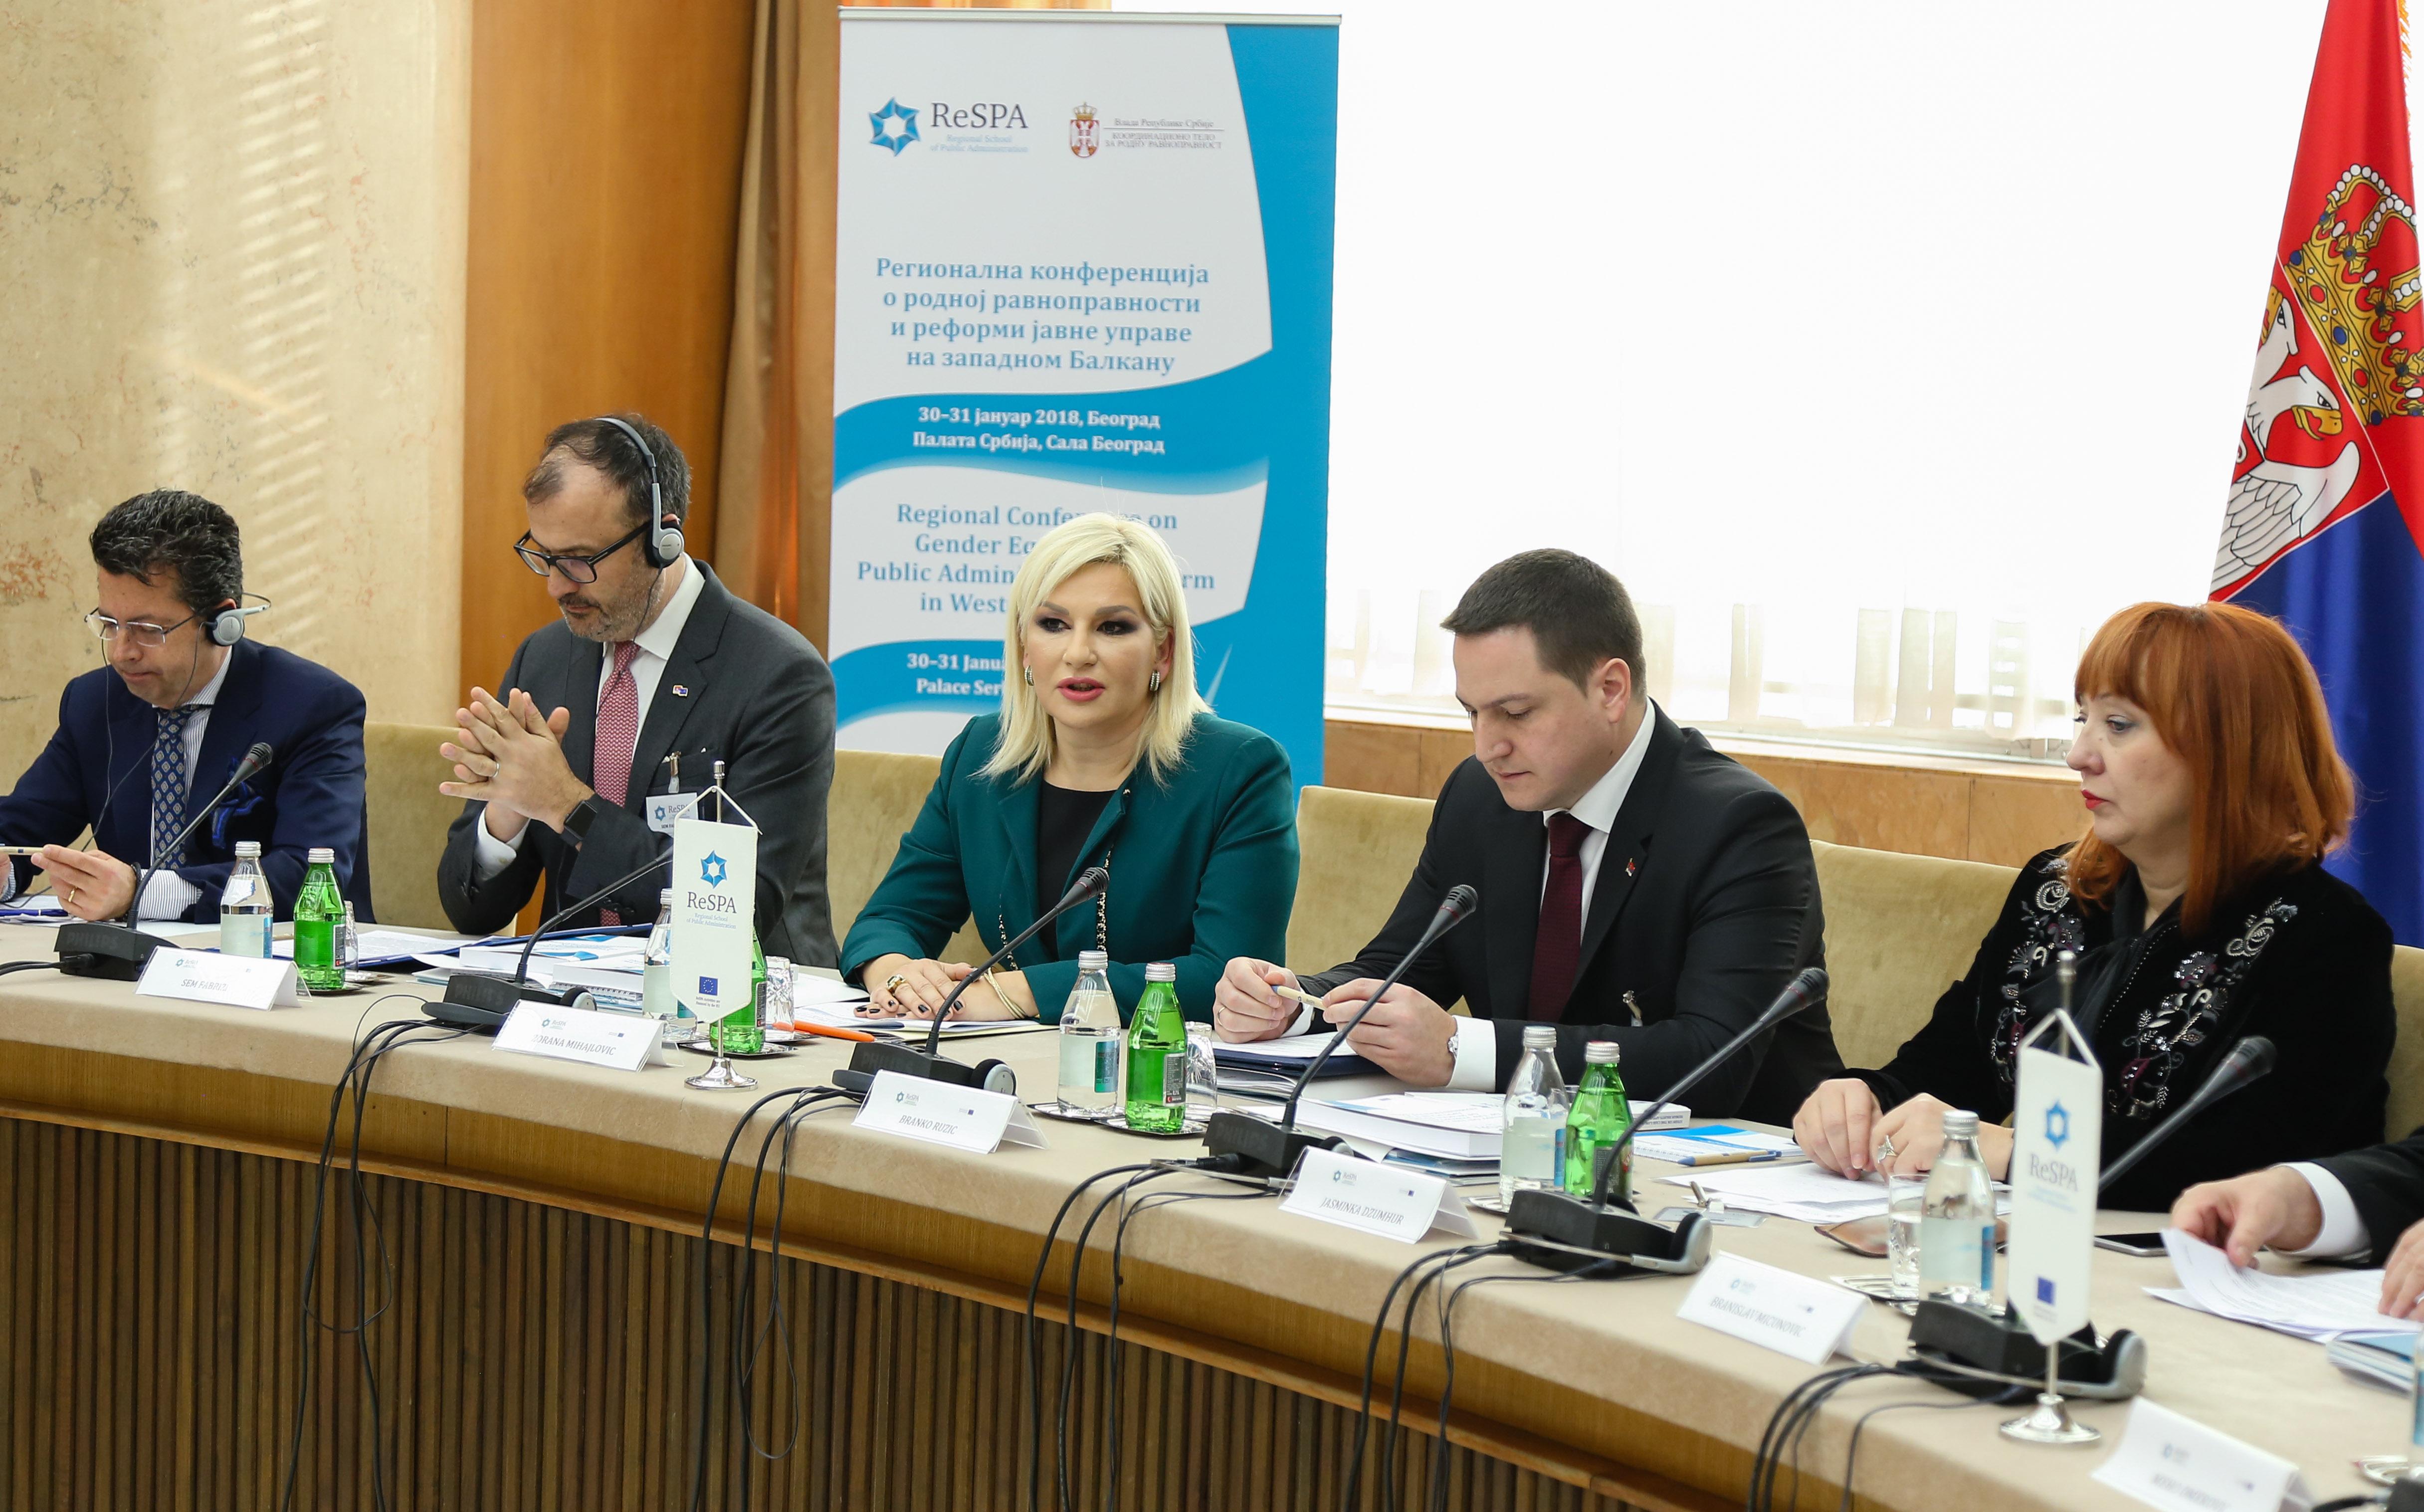 Beograd: Regionalna konferencija posvećena rodnoj ravnopravnosti